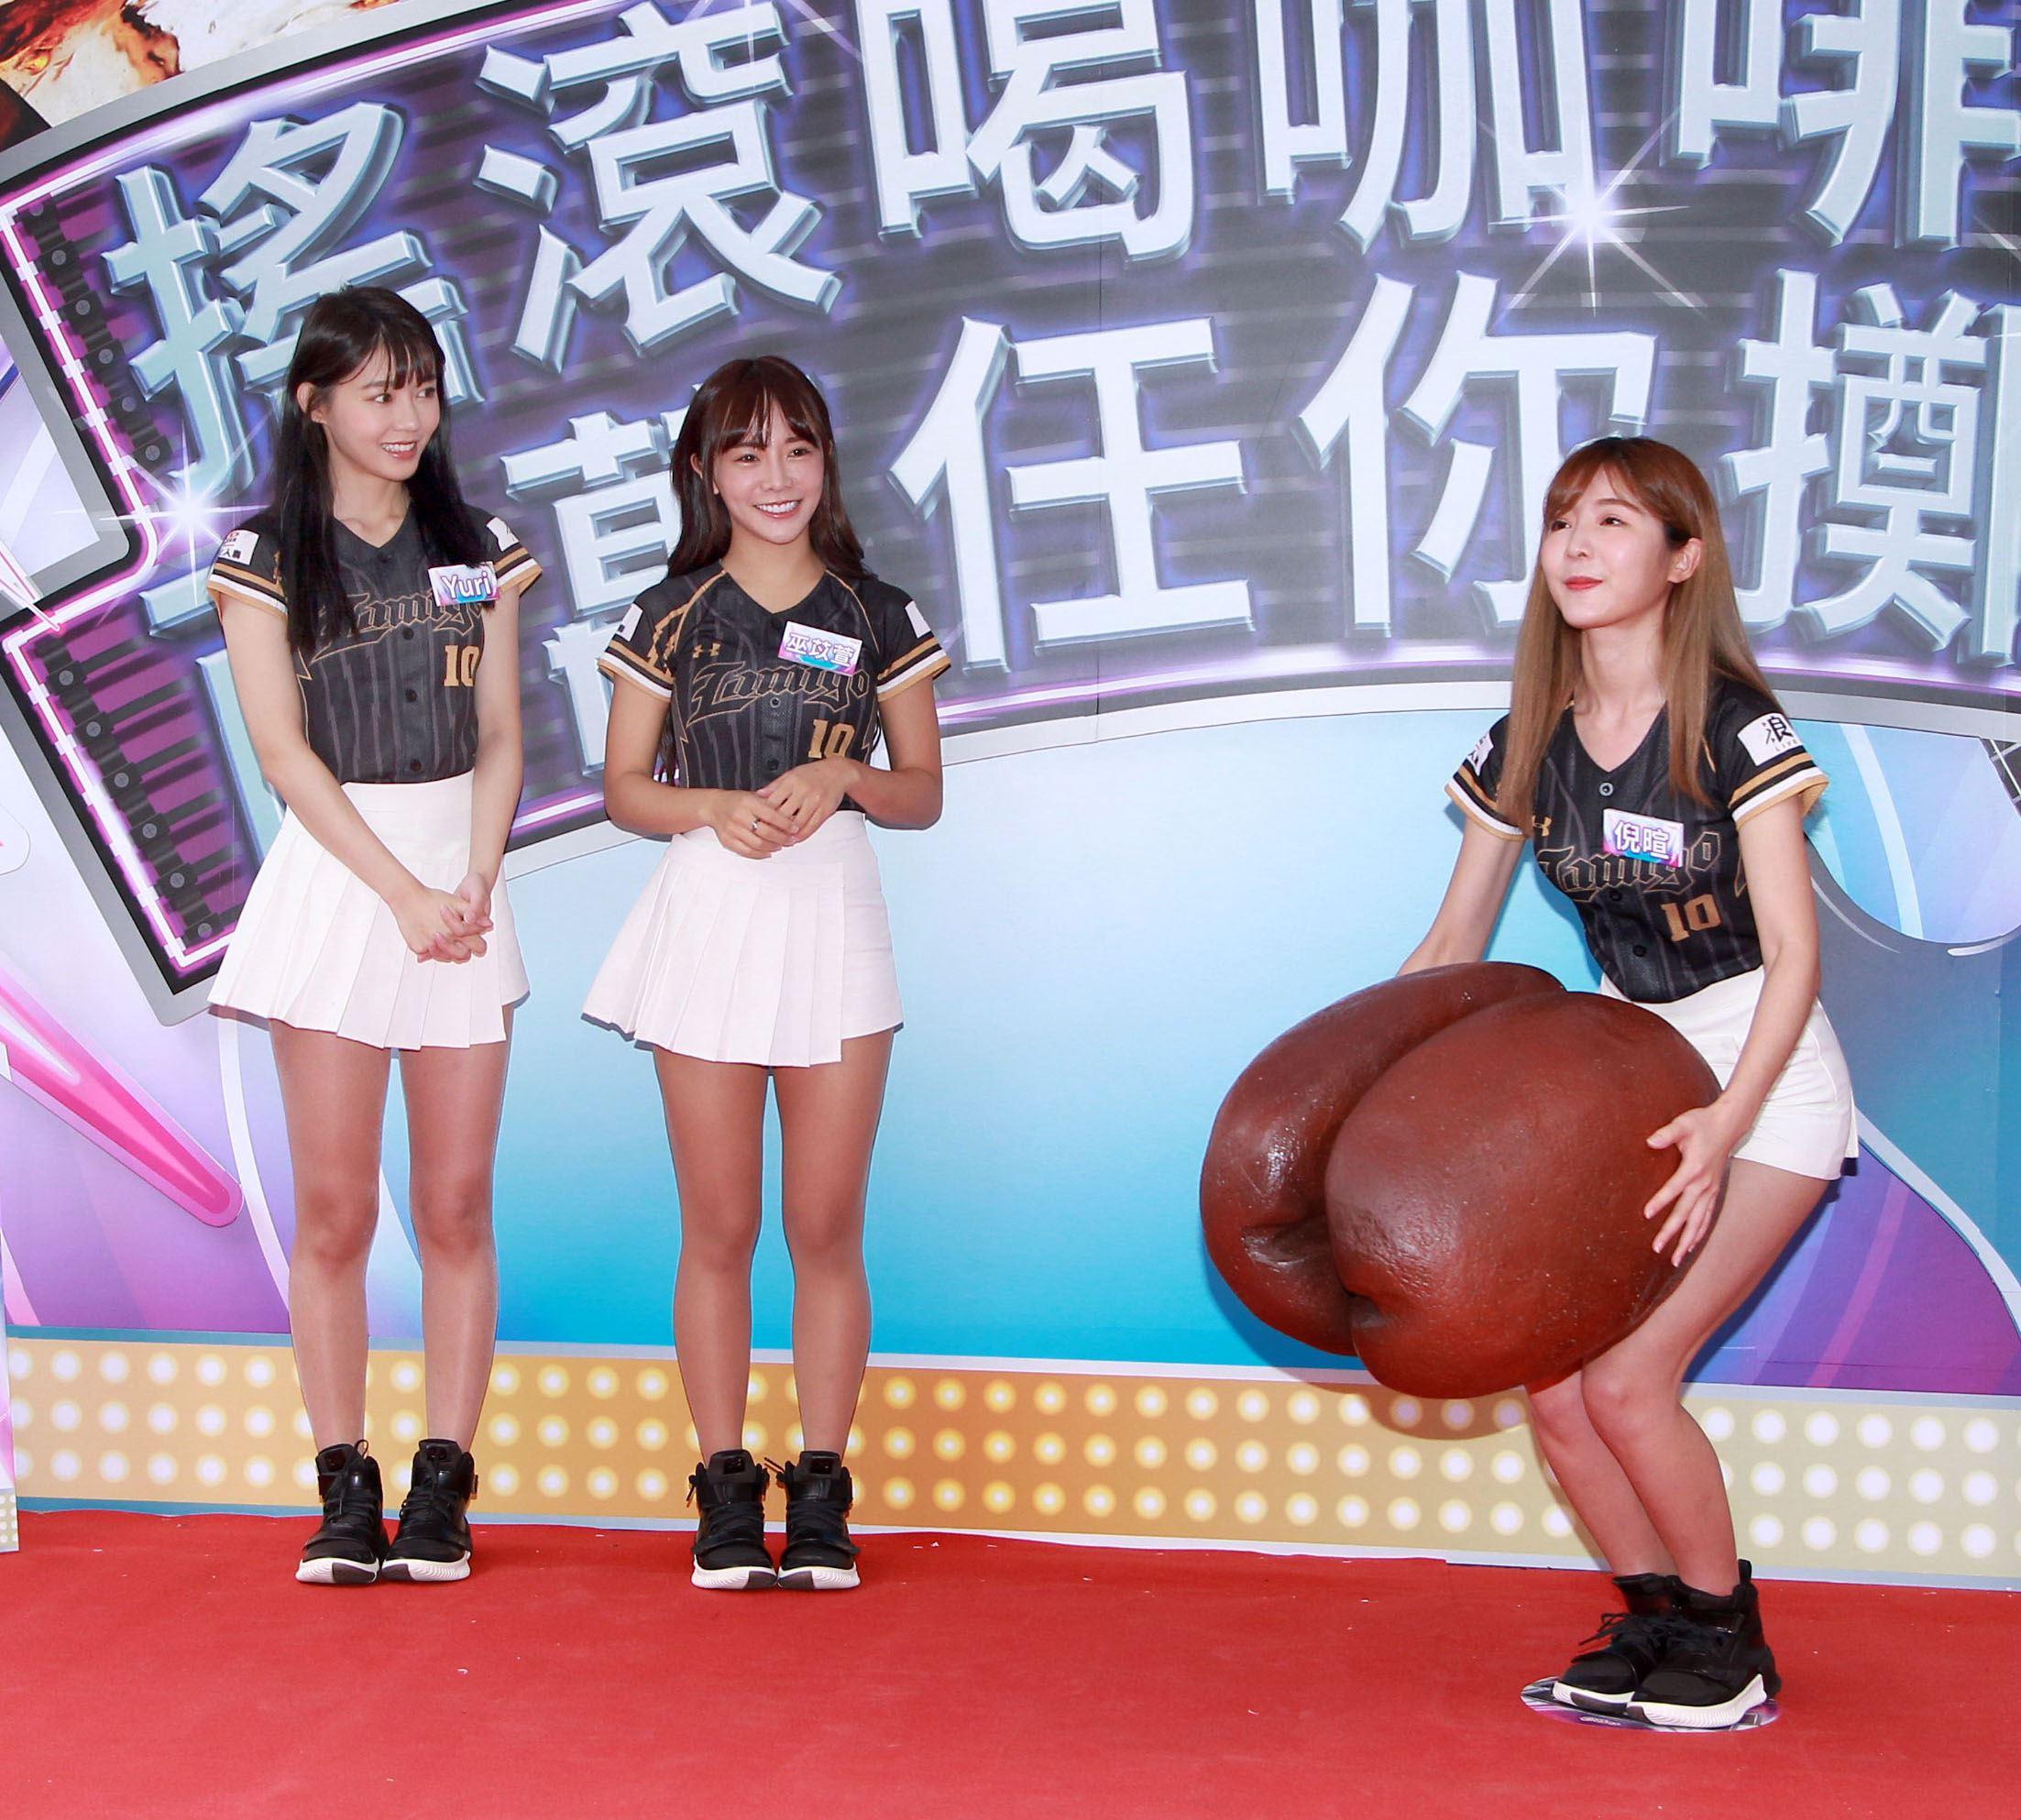 LamiGirls啦啦隊巫苡萱、倪暄、Yuri與粉絲一起擲杯喝咖啡。(記者/邱榮吉攝影)